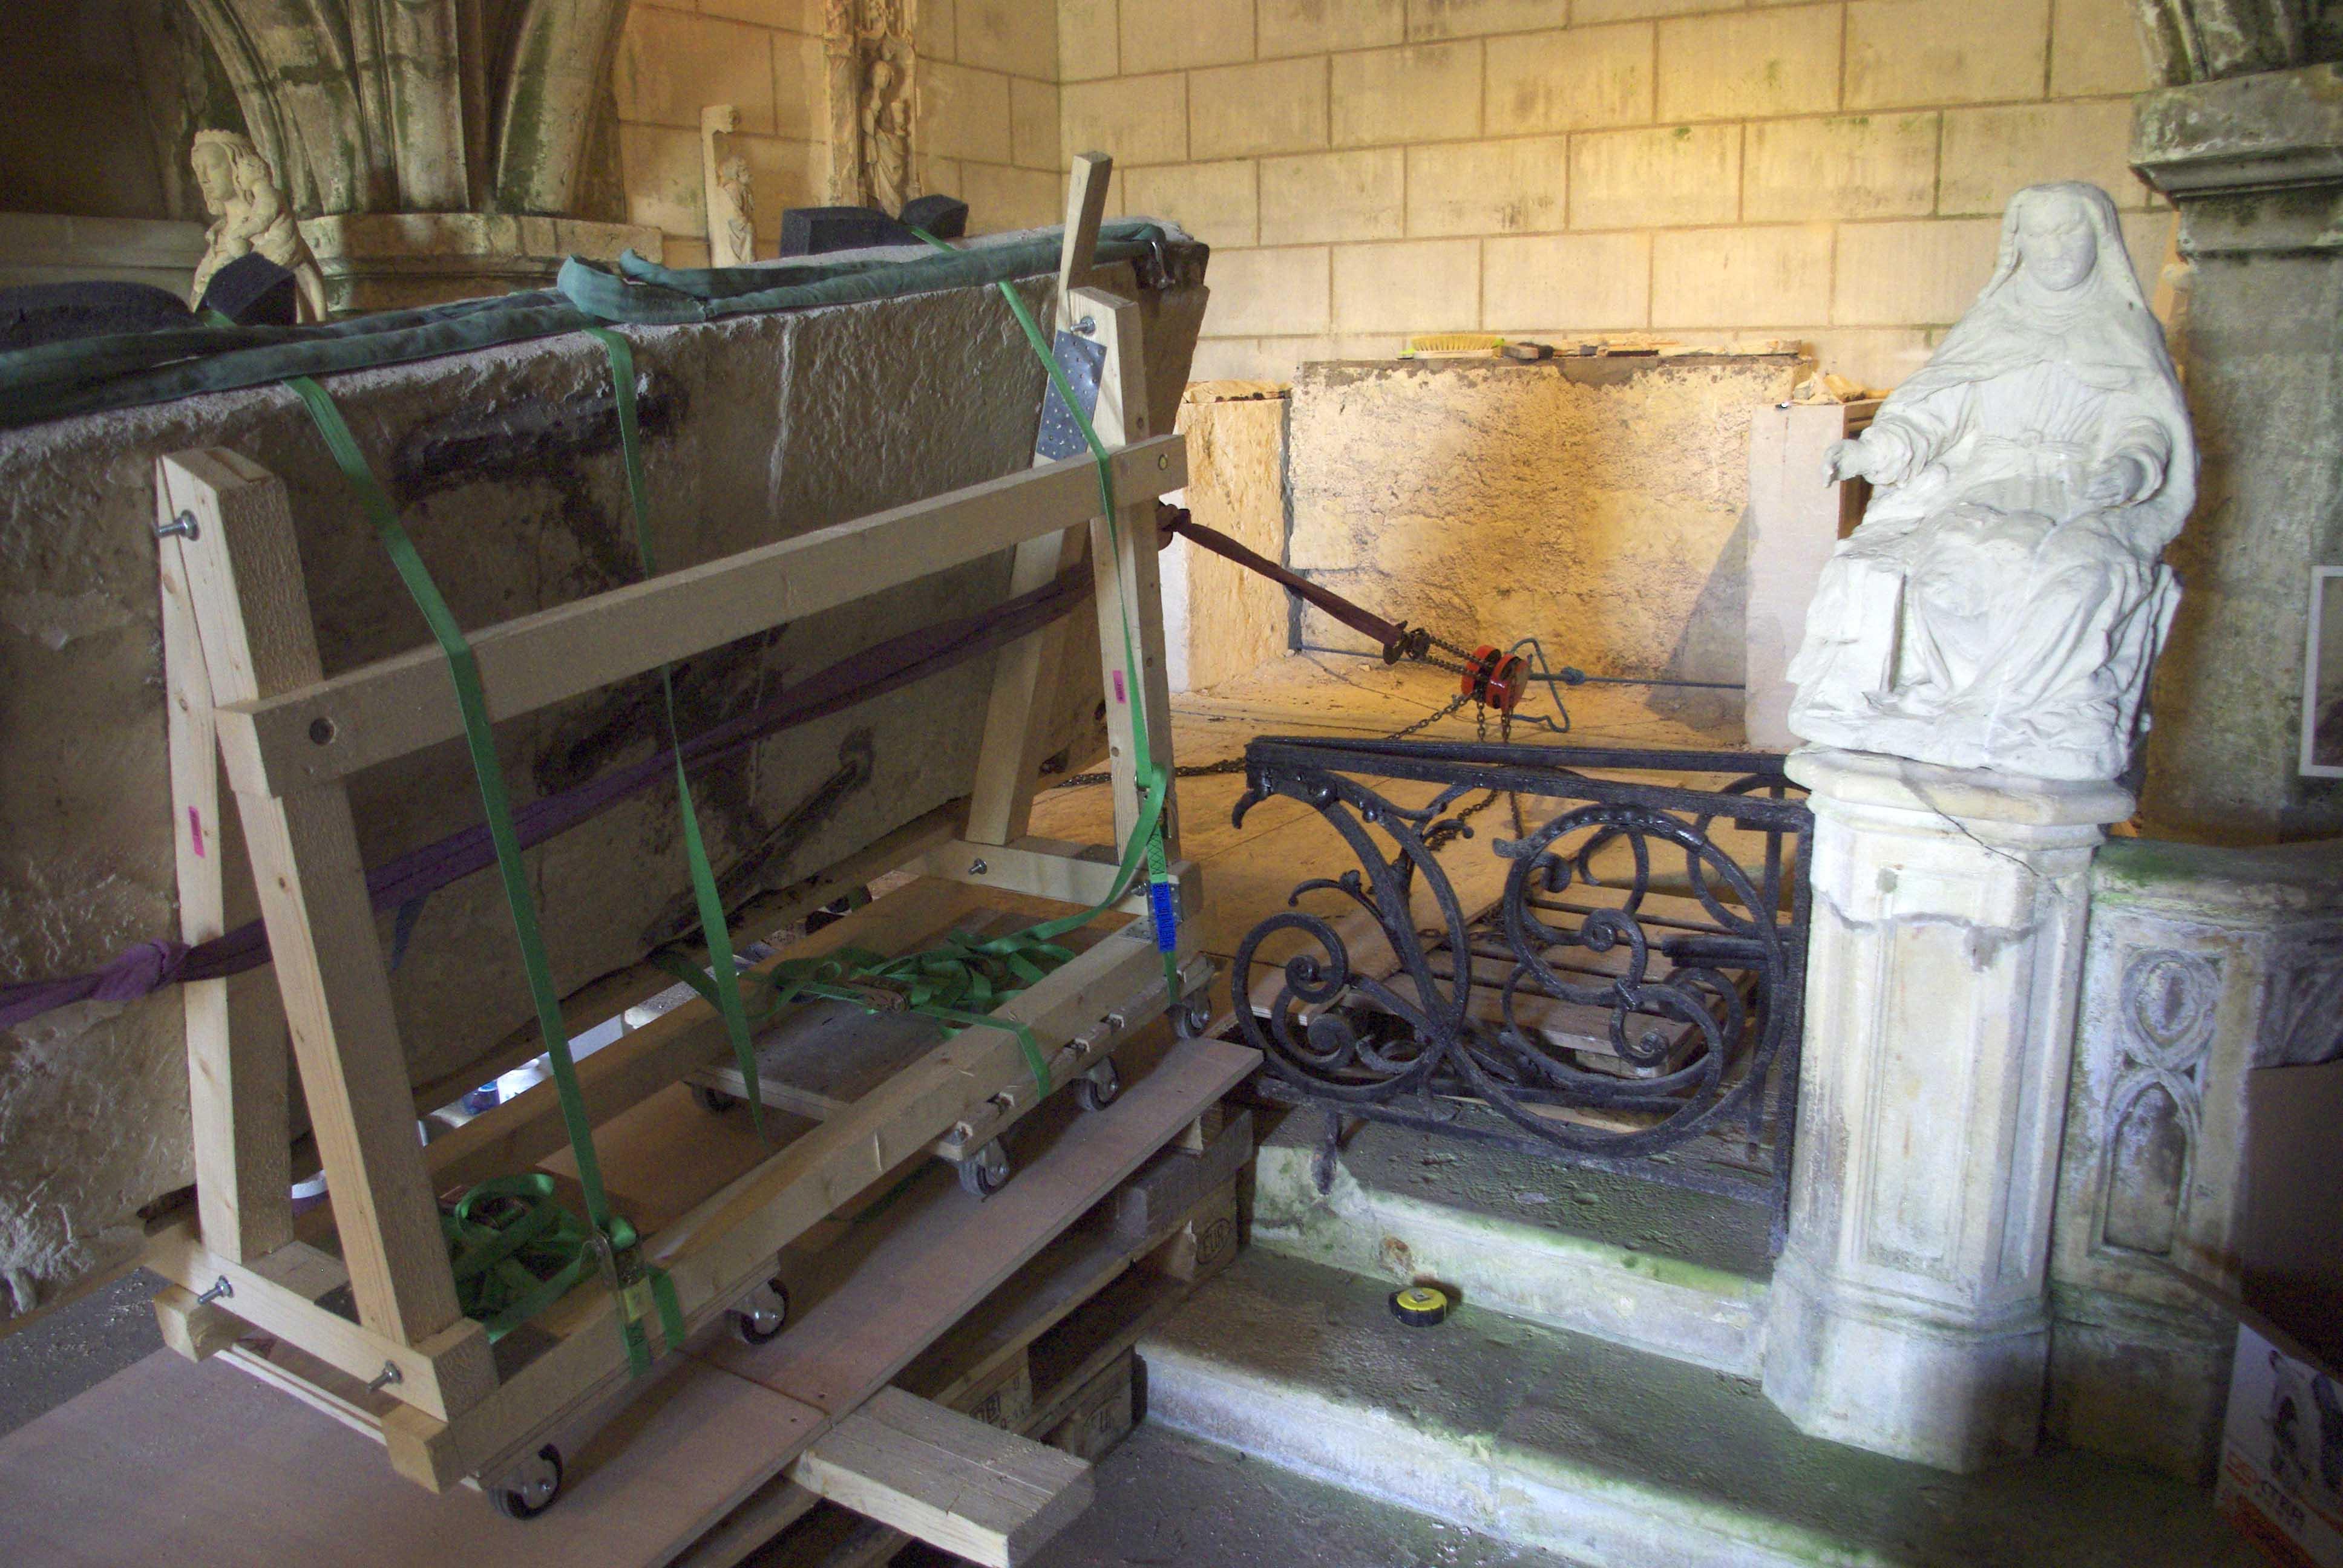 Fulbert Dubois restauration patrimoine sculpture démontage autel pierre avant restauration